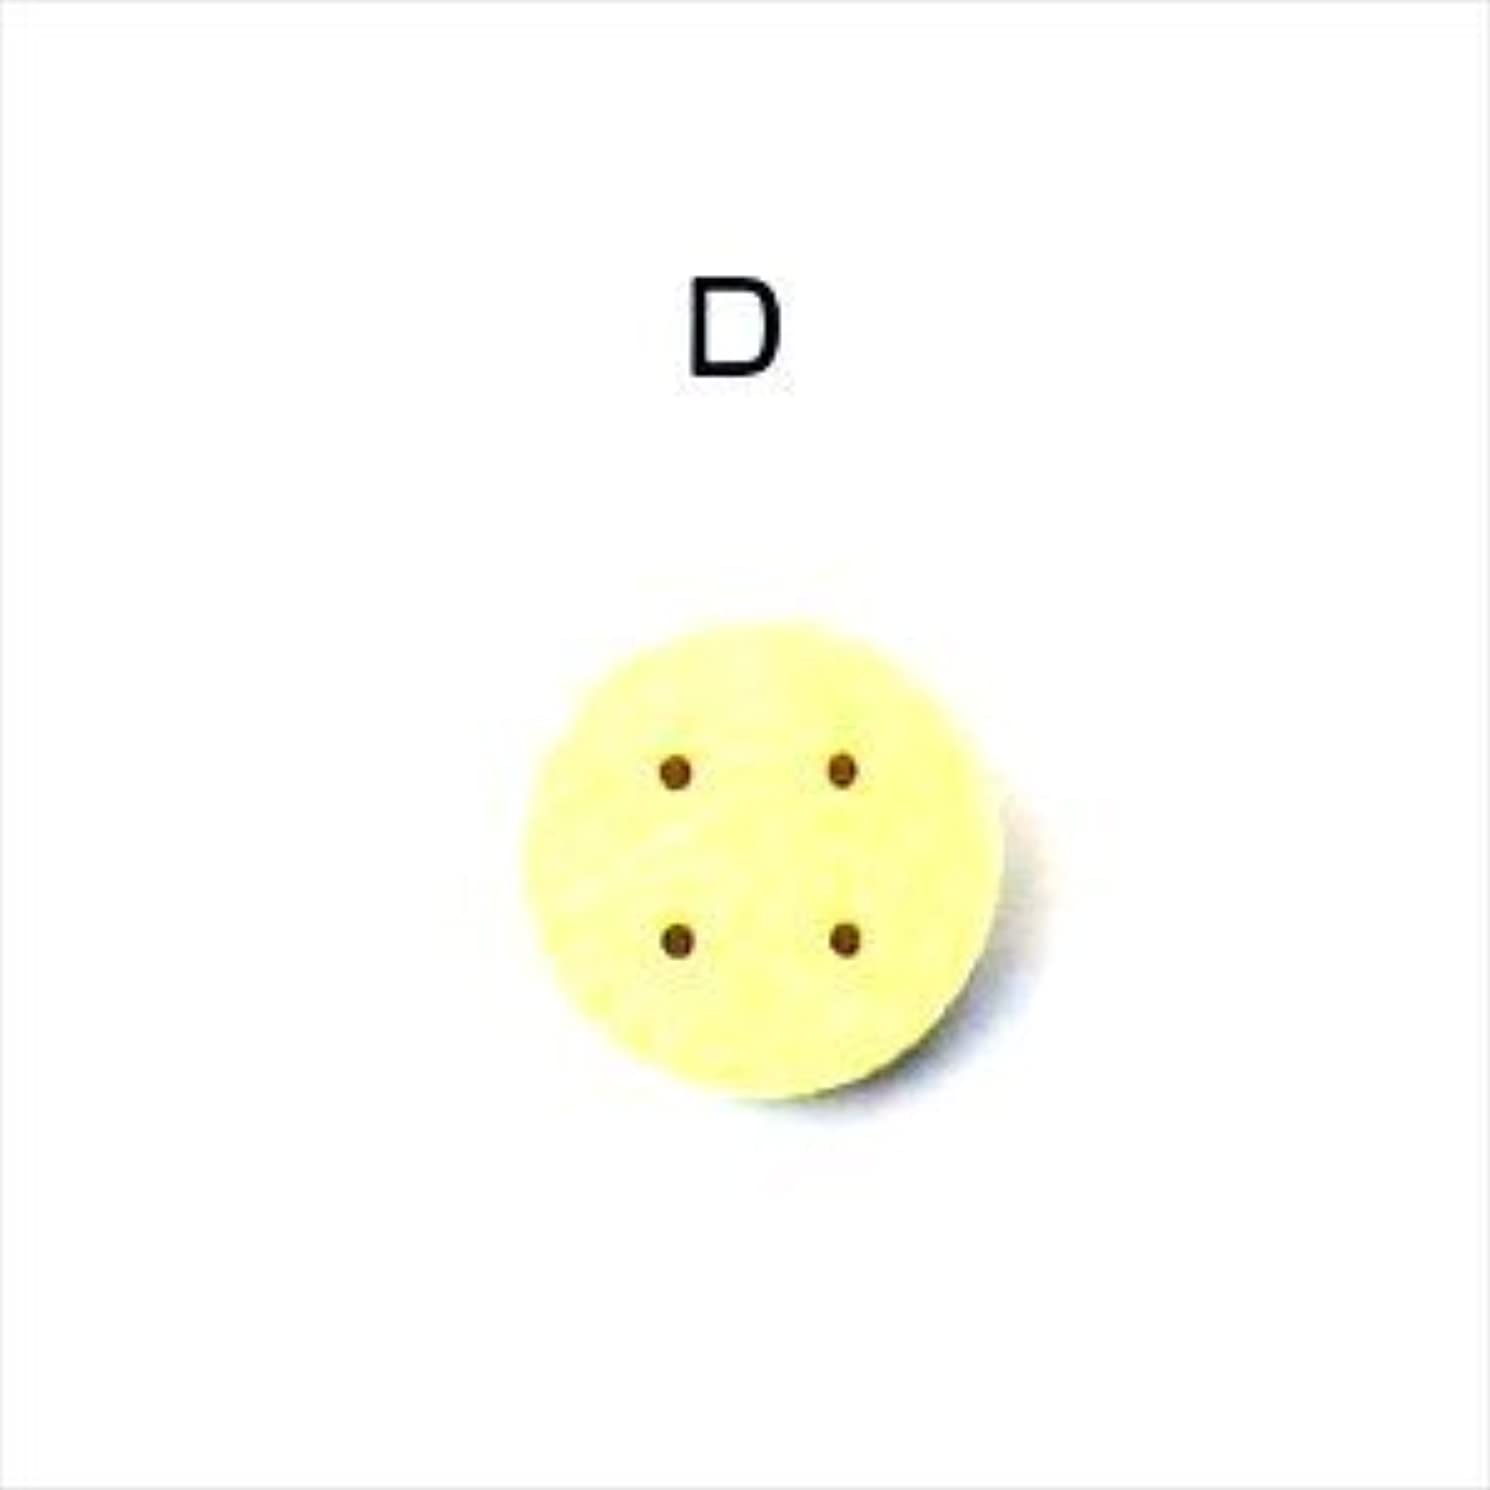 検査官ベット容量【メディカルブック】1.丸型 R-D スポンジ 4個入(SE-451D) - 干渉波?吸引用